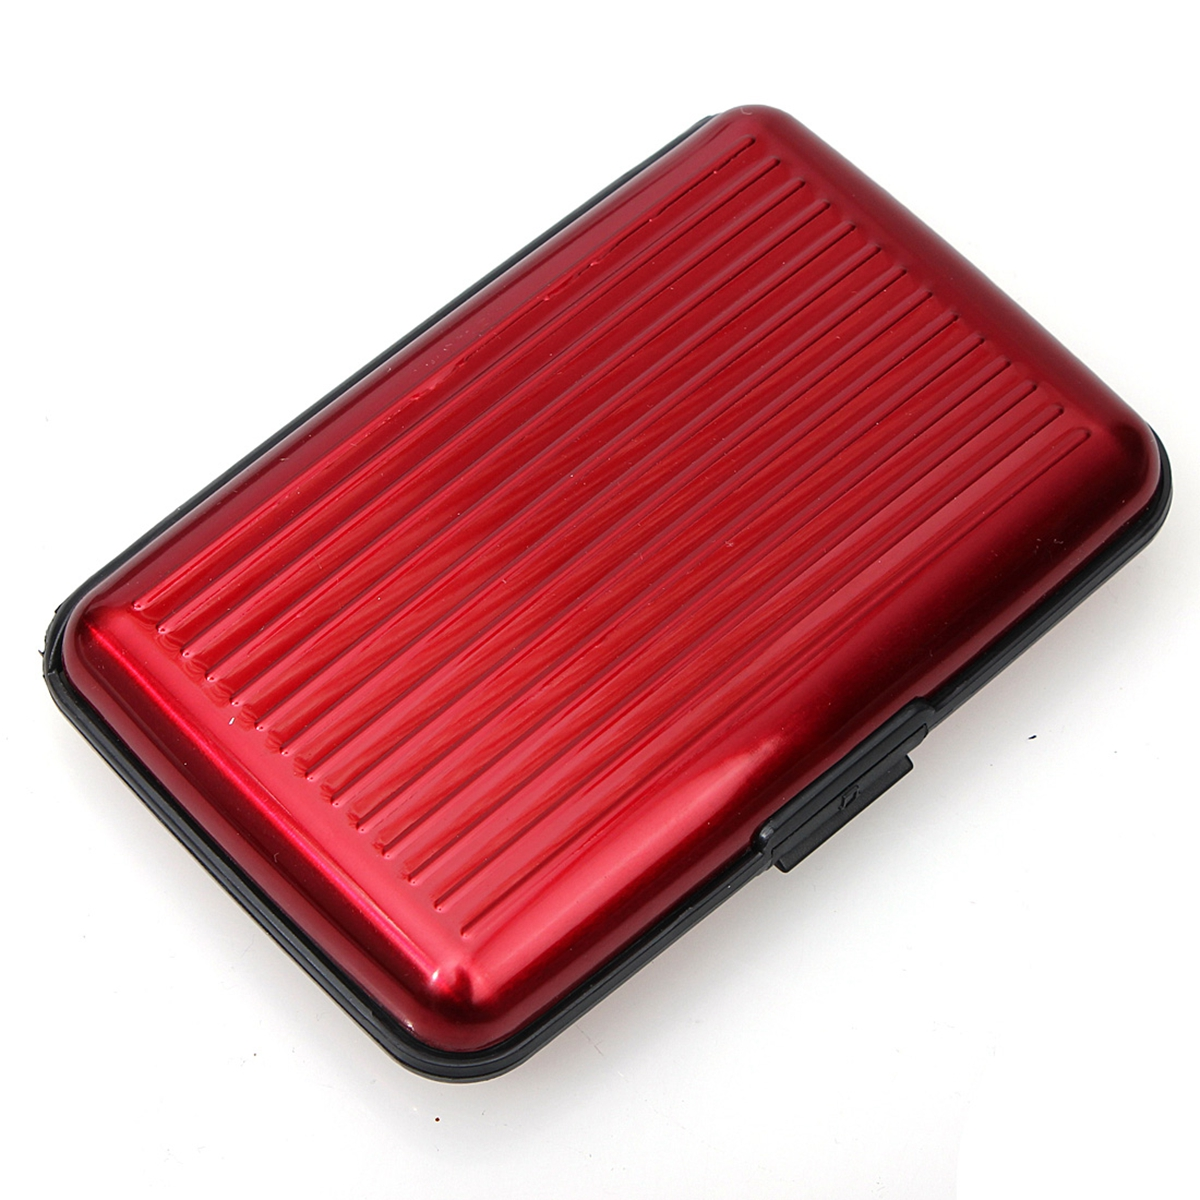 Waterproof business credit card holder case wallet for Business cards holder case